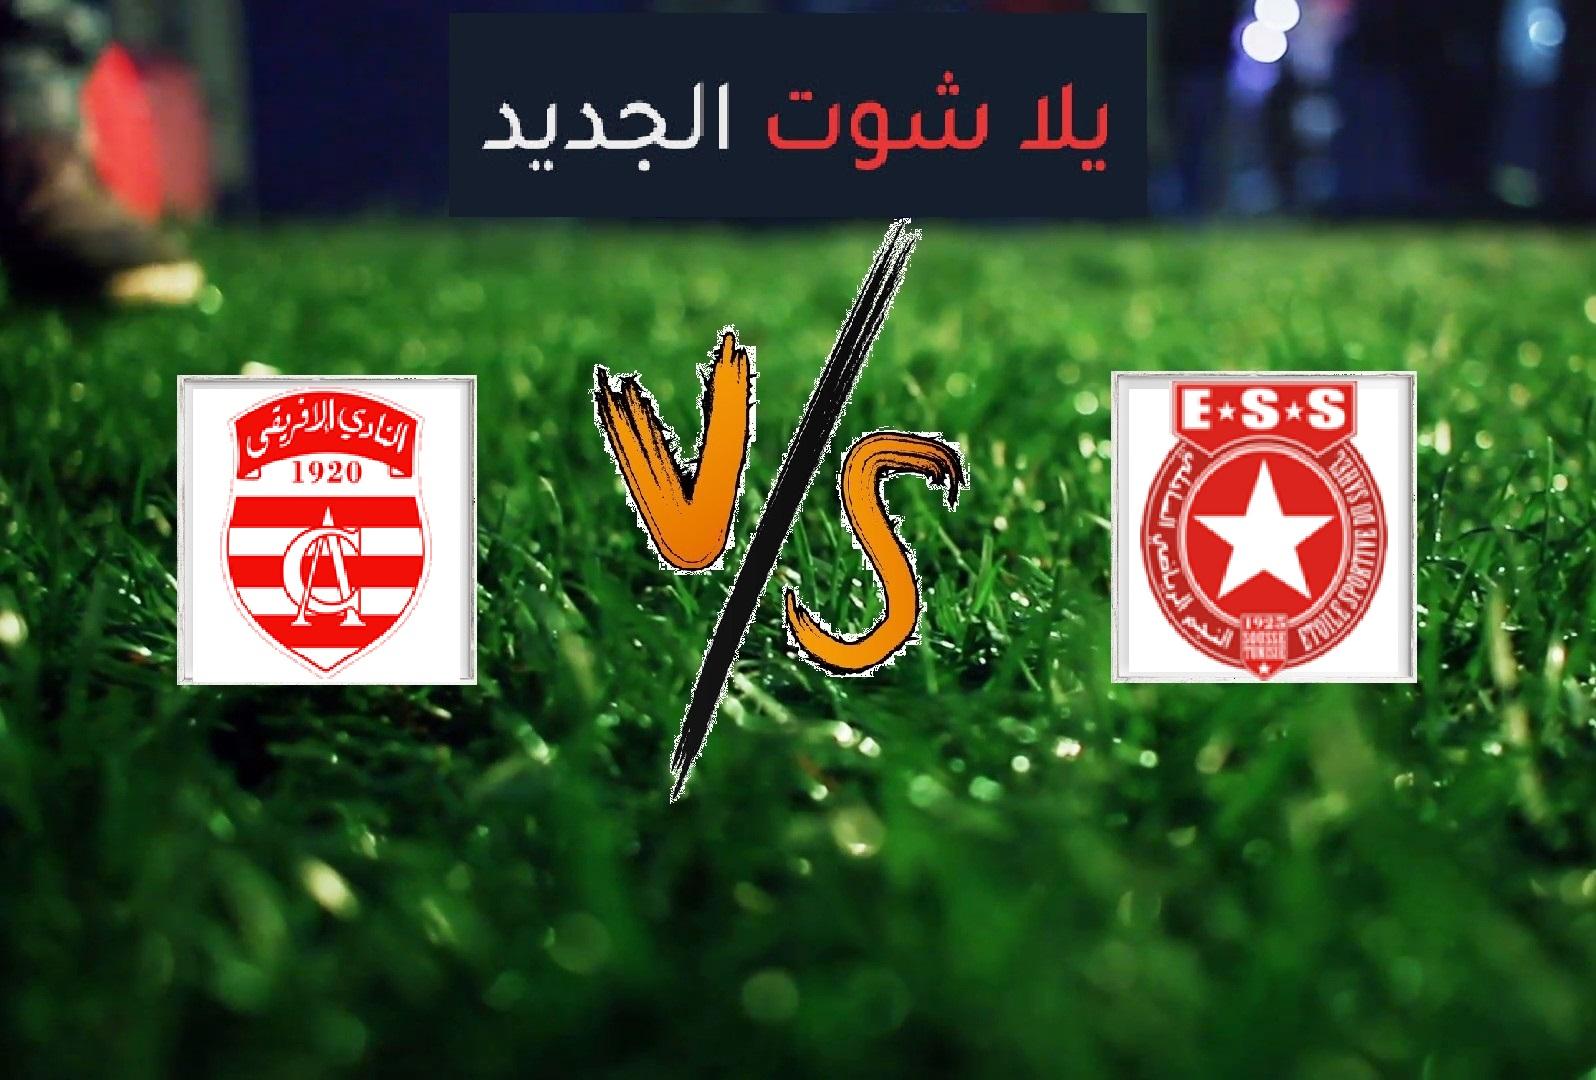 ملخص مباراة النجم الساحلي والنادي الإفريقي اليوم الاثنين بتاريخ 03-06-2019 كأس تونس